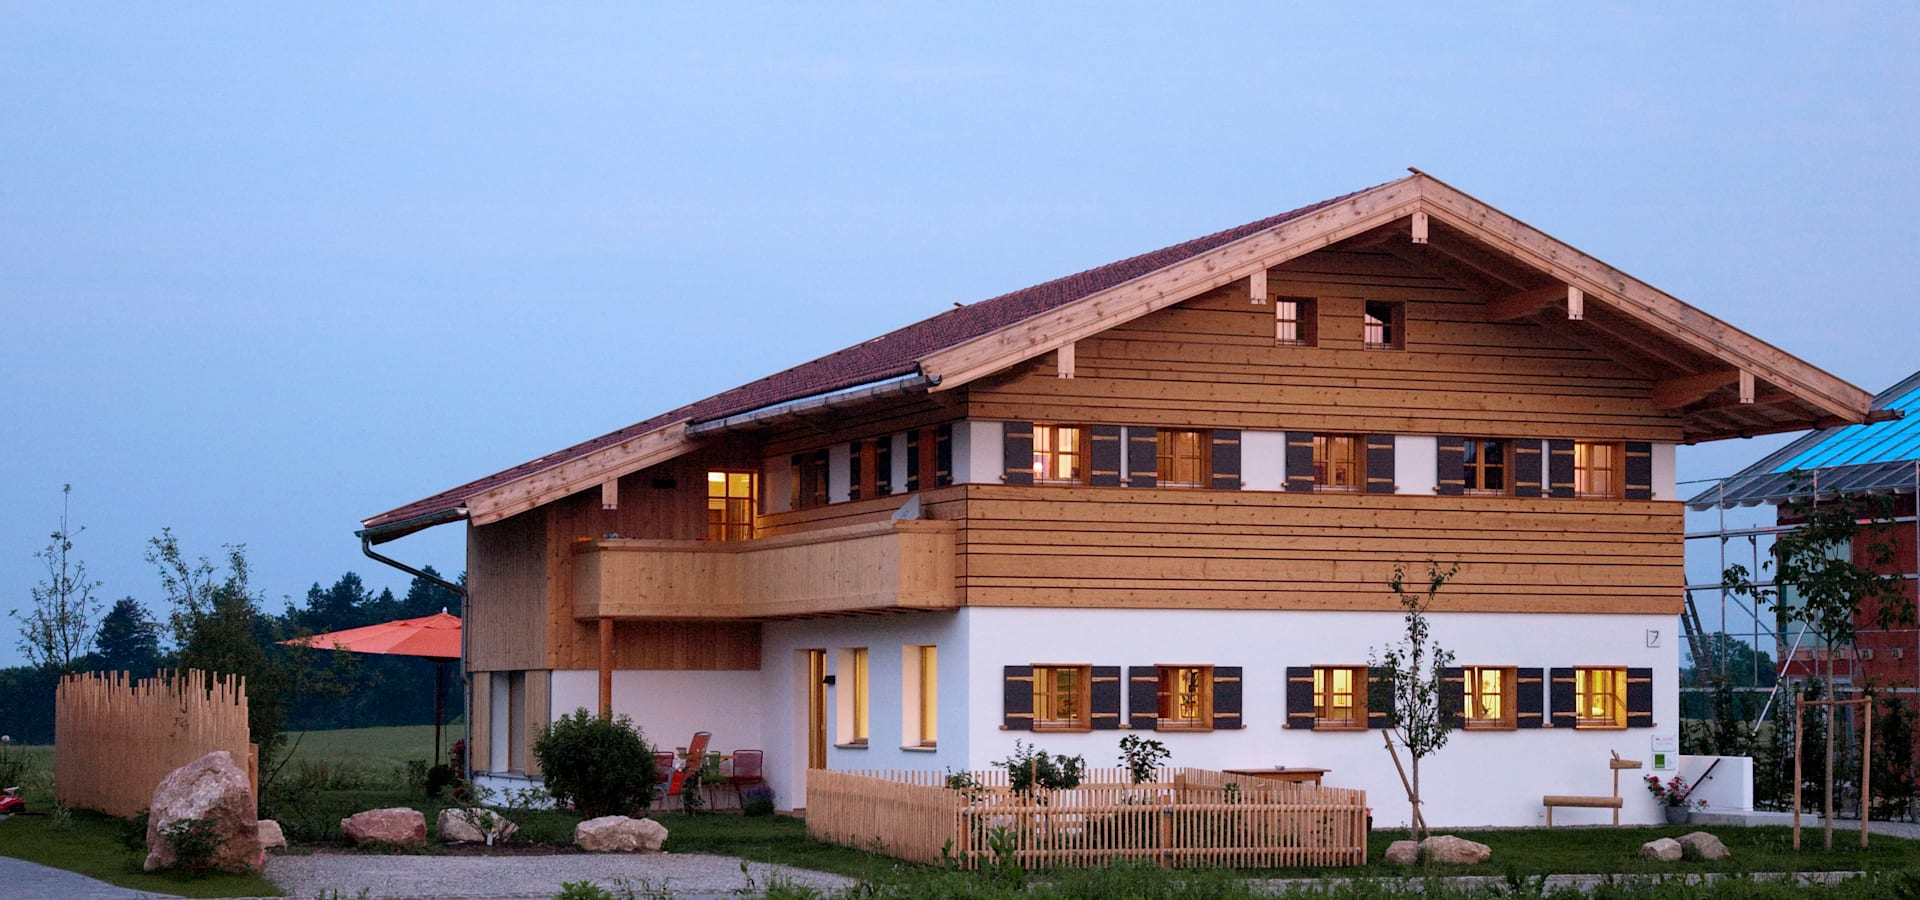 w. raum Architektur + Innenarchitektur